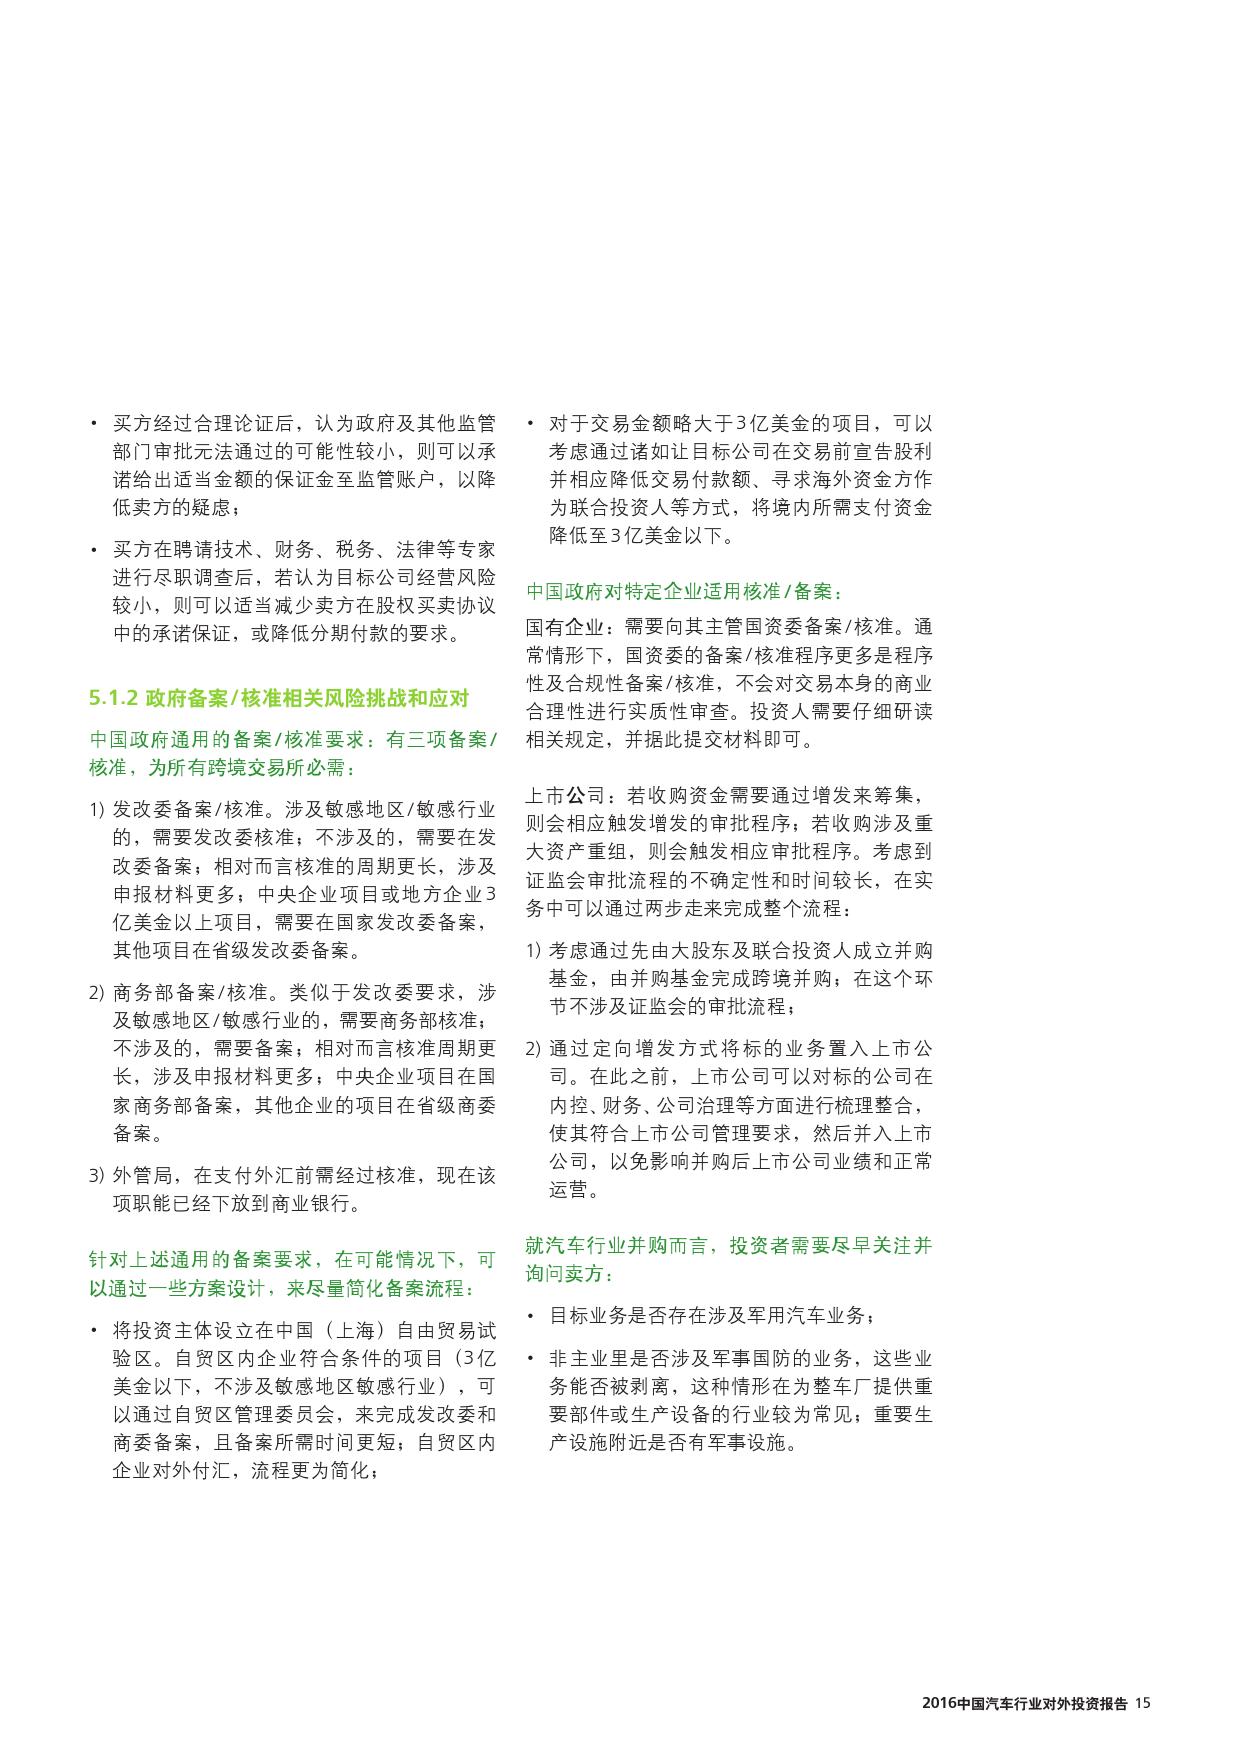 2016中国汽车行业对外投资报告_000017